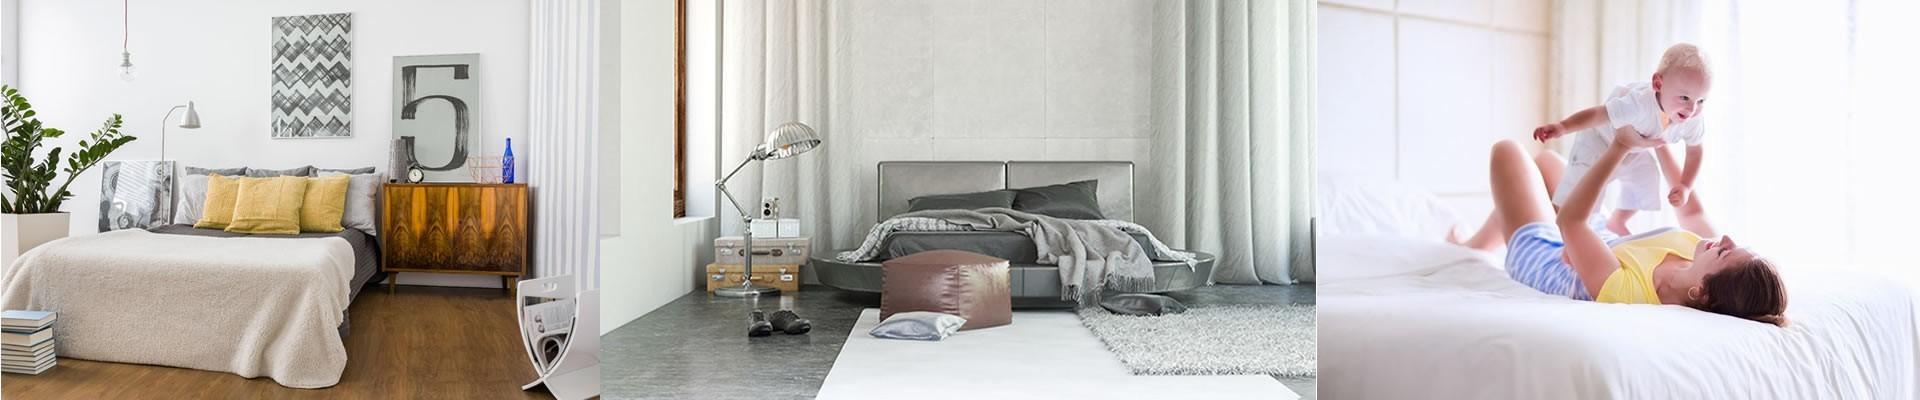 Bedroom | Bed Frames, Mattresses & Bedroom Furniture